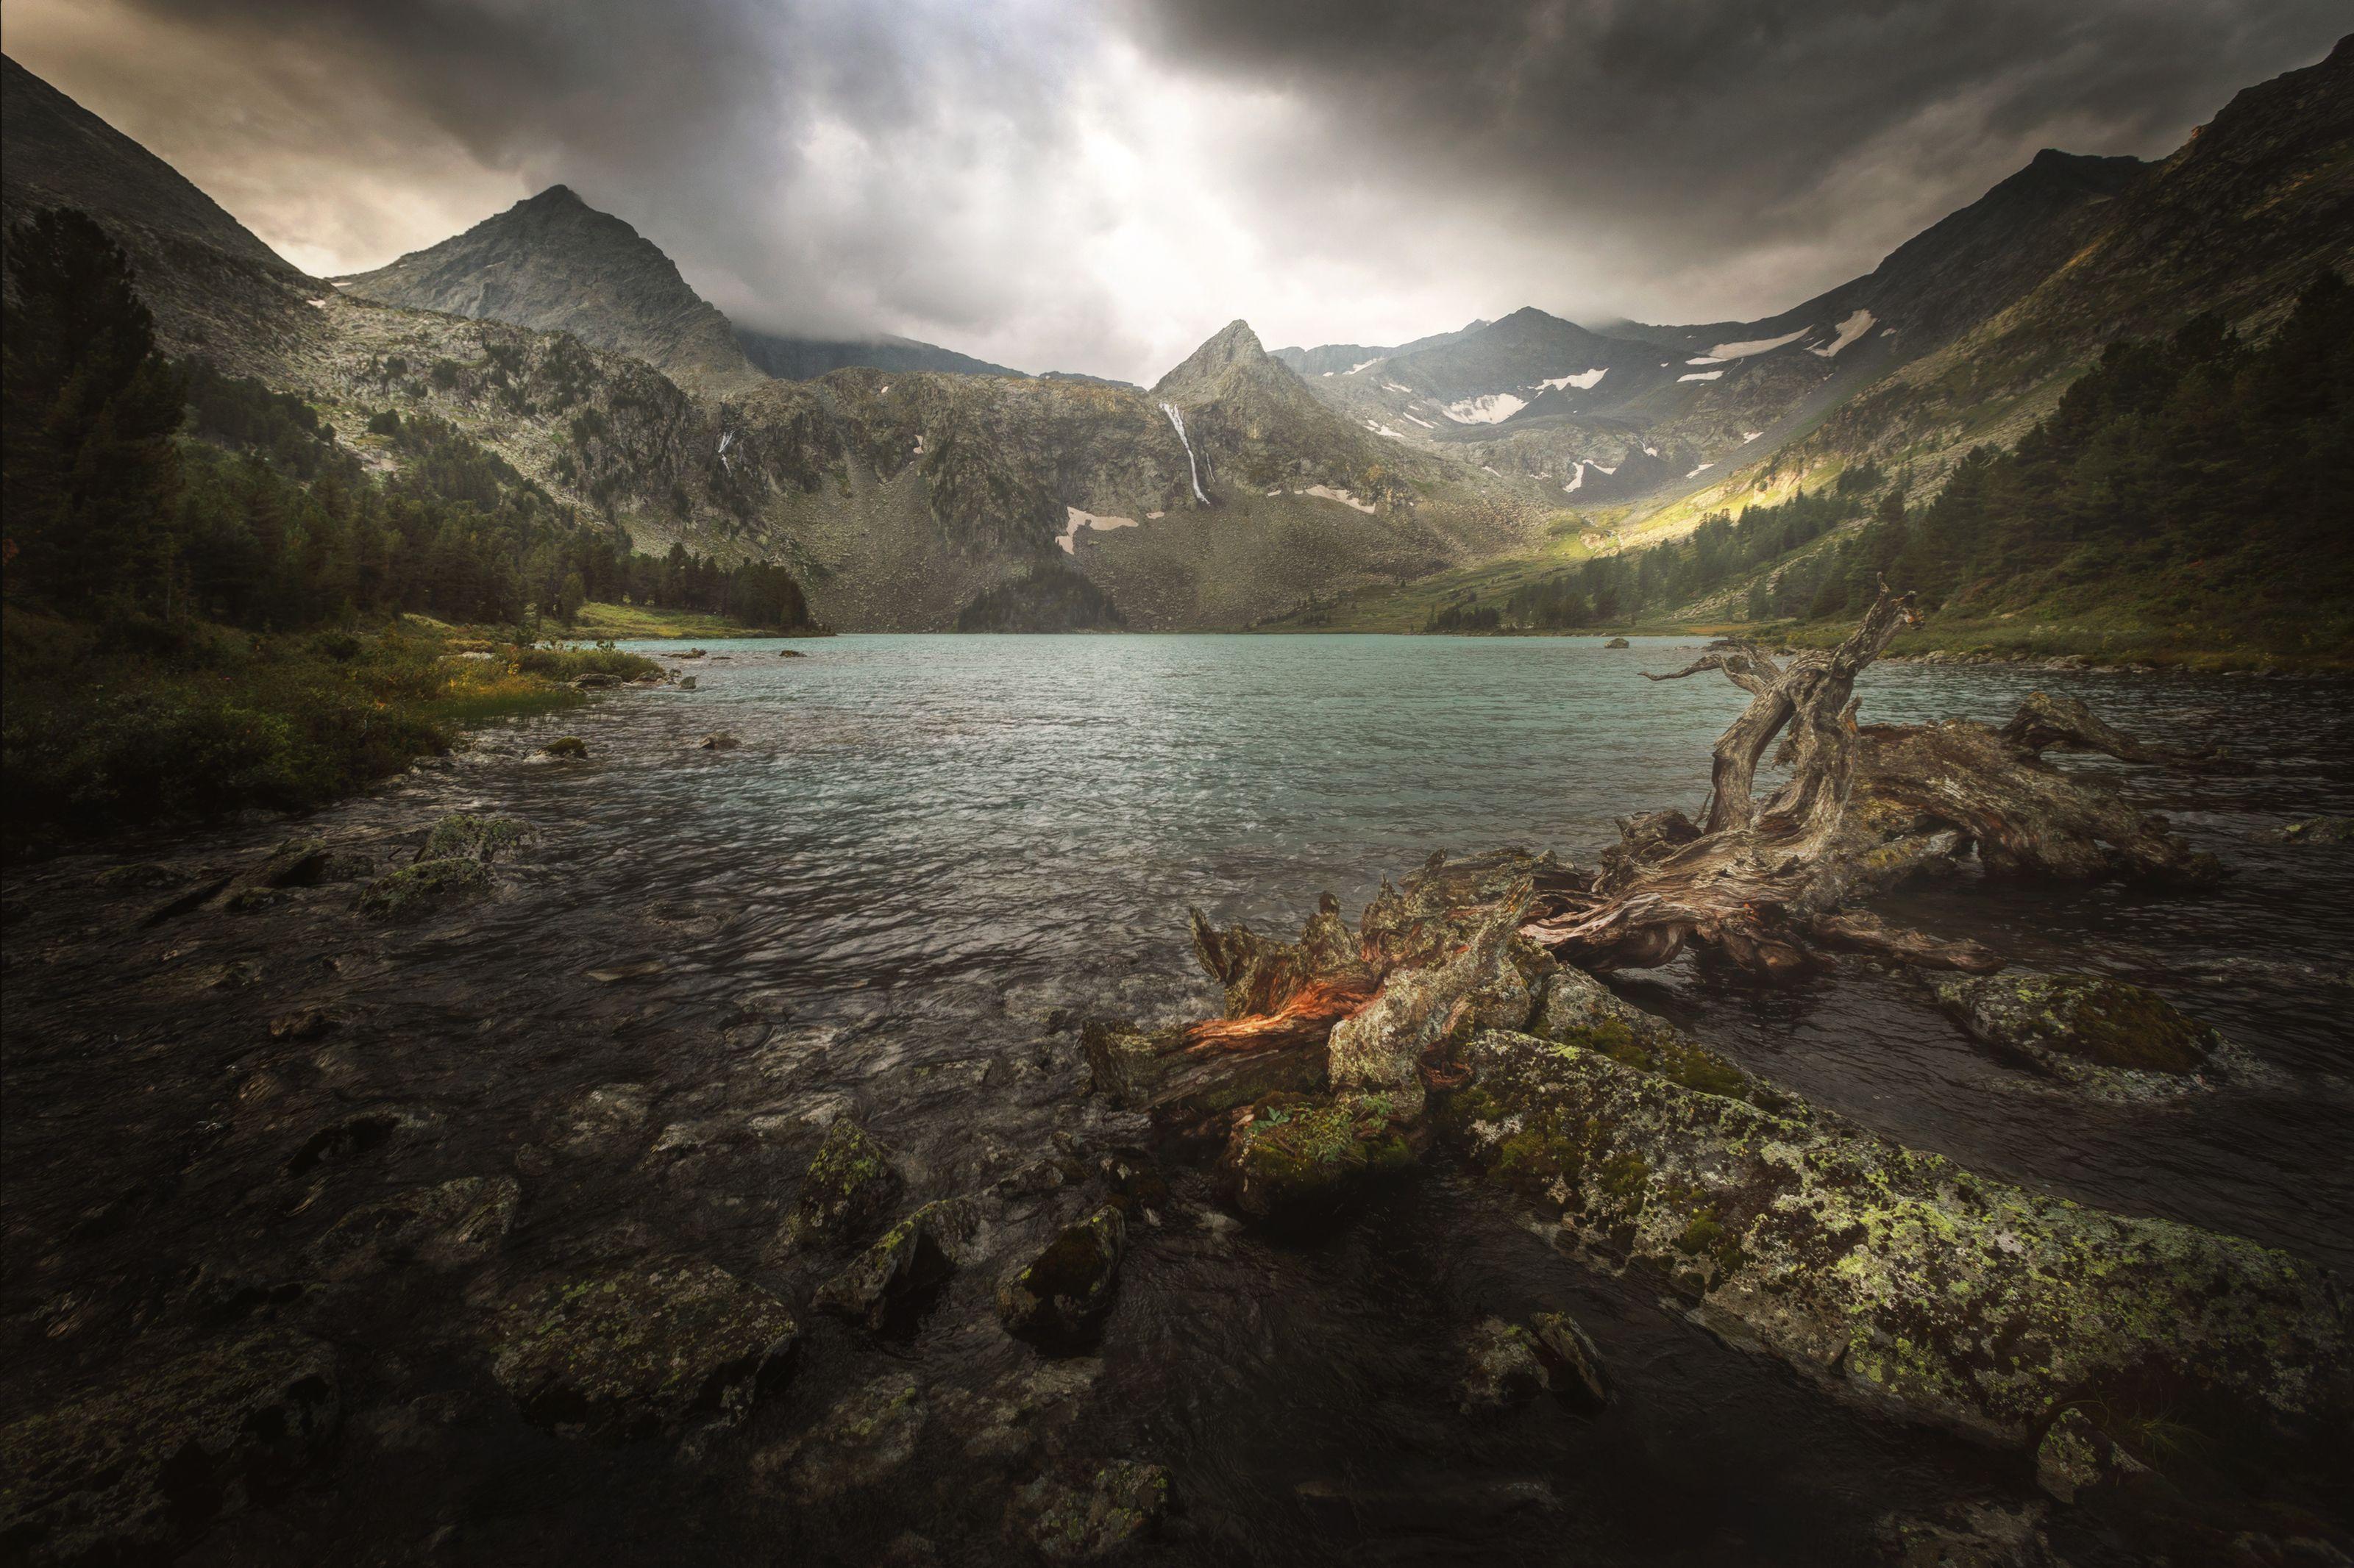 алтай, озеро, горы, лес, природа, закат, рассвет, красота, приключения, путешествие, Шевченко Николай